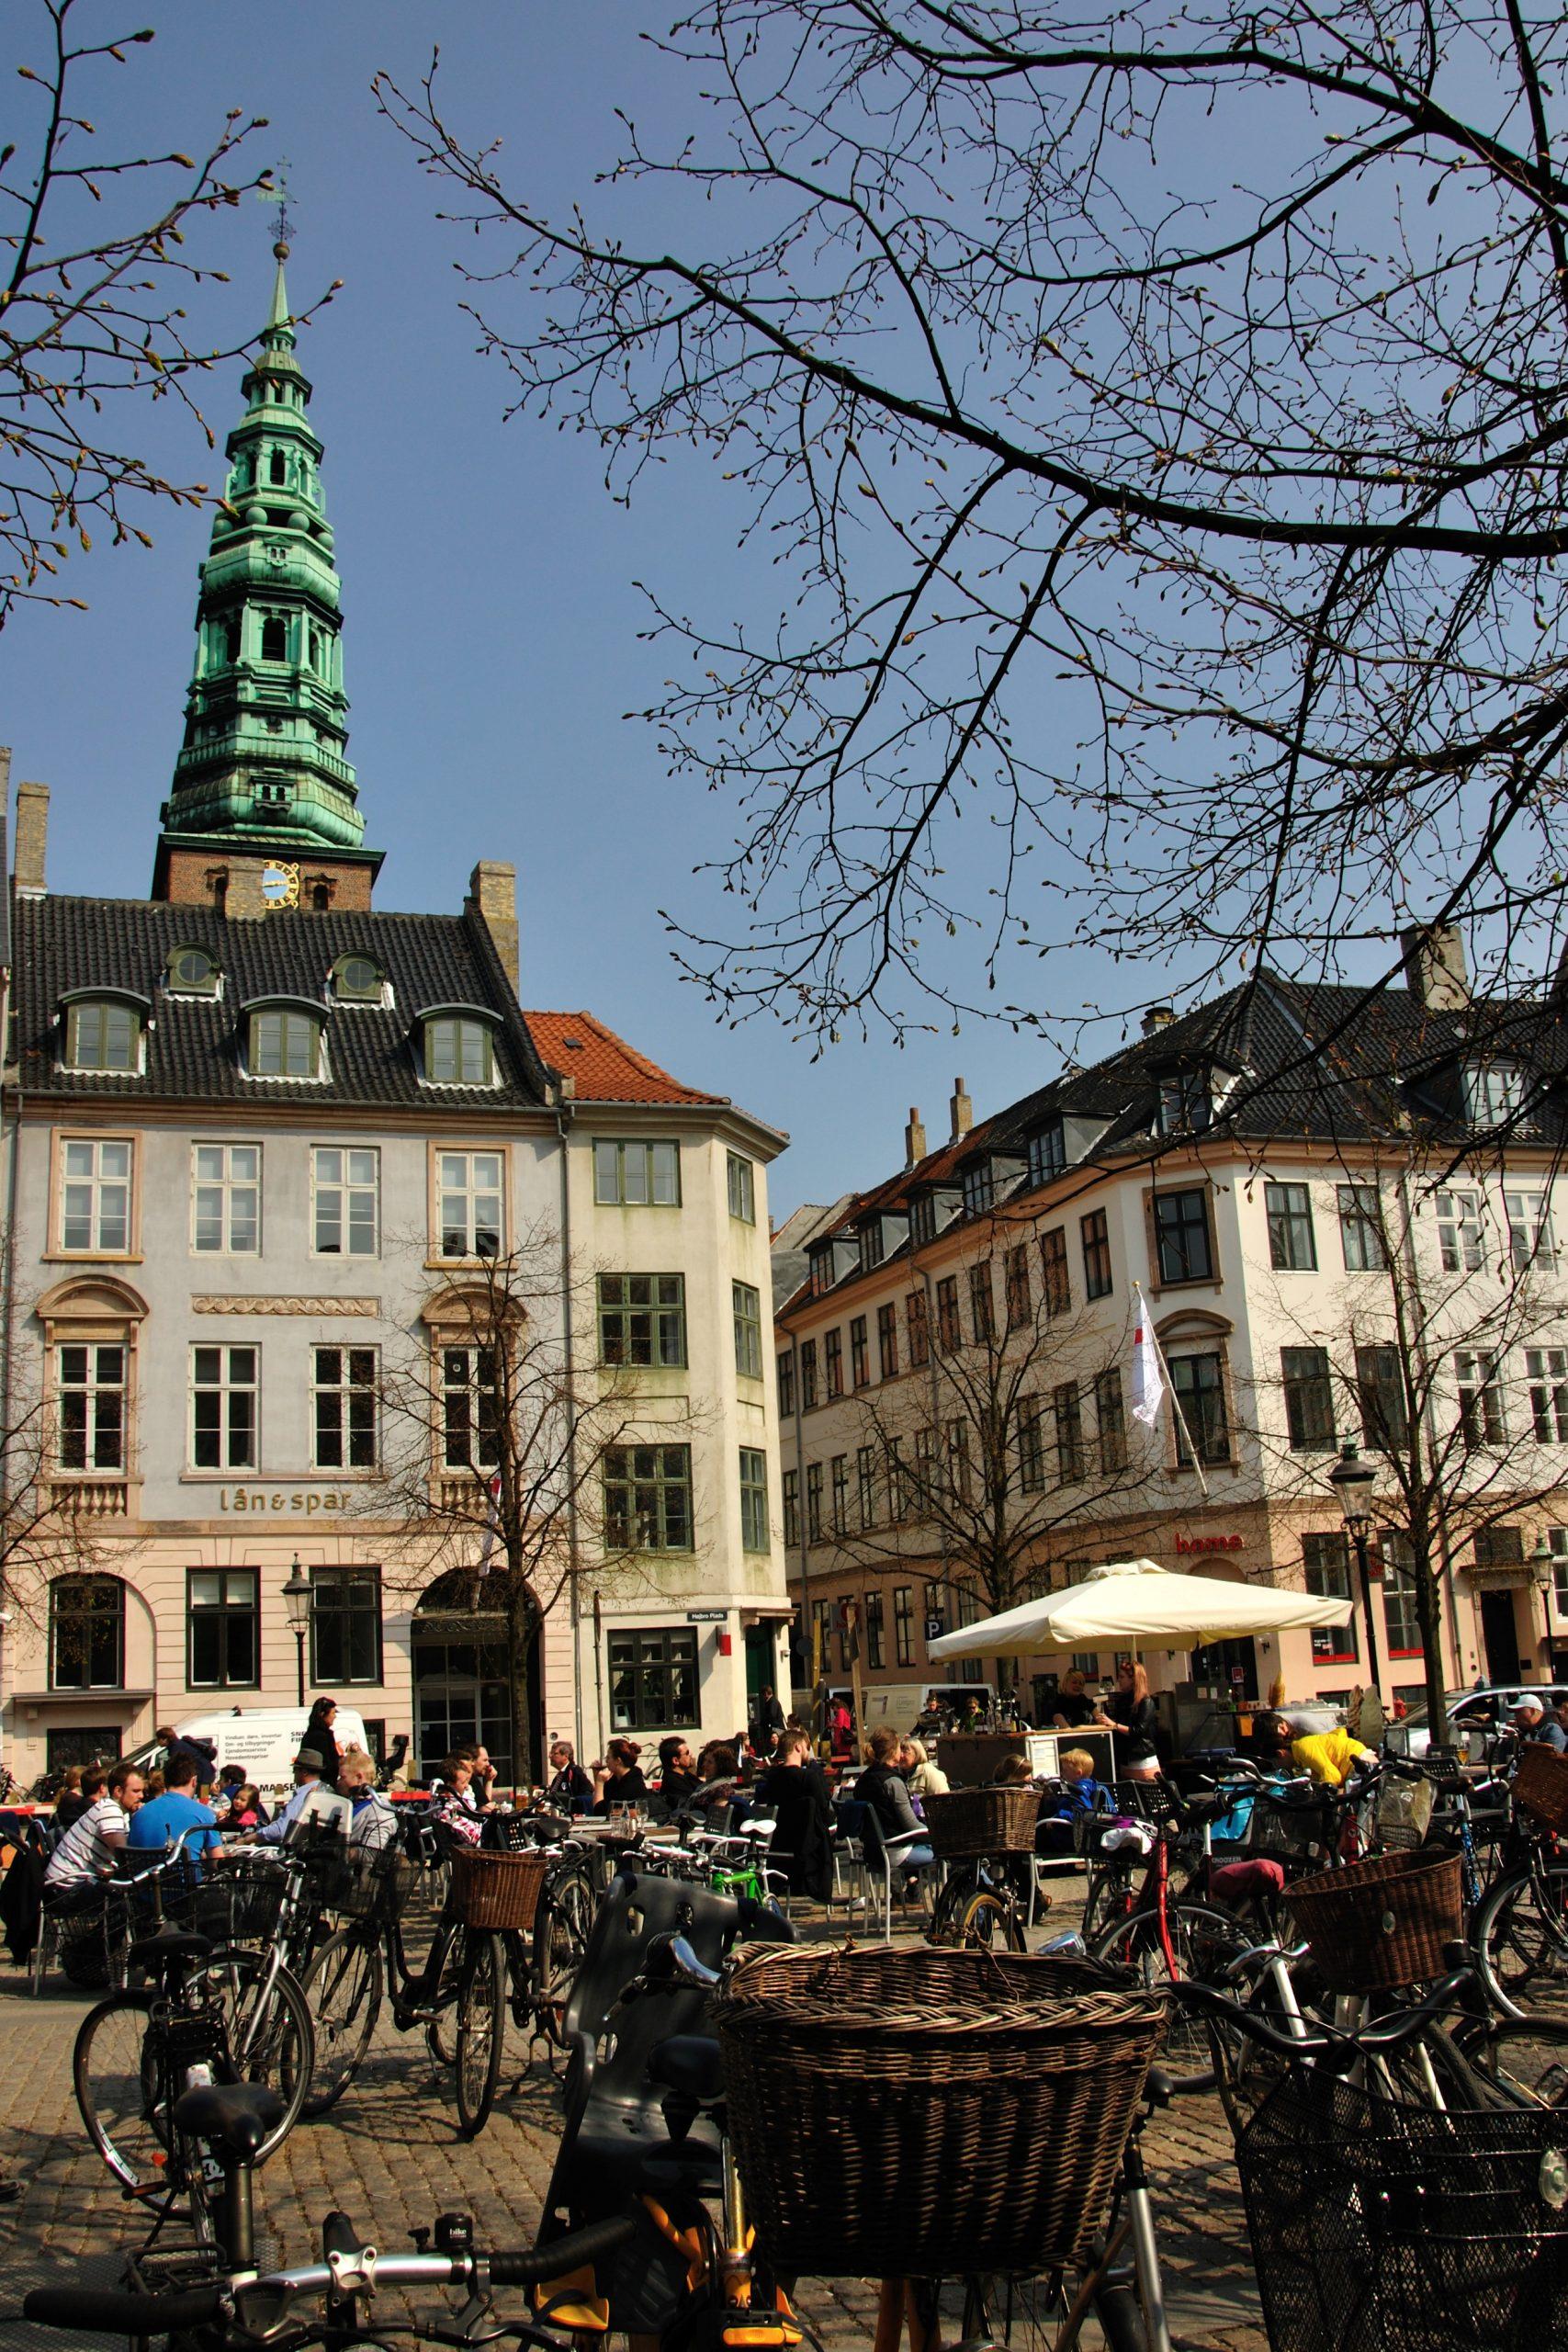 Har du hørt om Rengørings Agenterne før? Hvis ikke, så er du nok også gået glip af deres helt fantastiske ejendomsservice, som de tilbyder i København og på Amager.